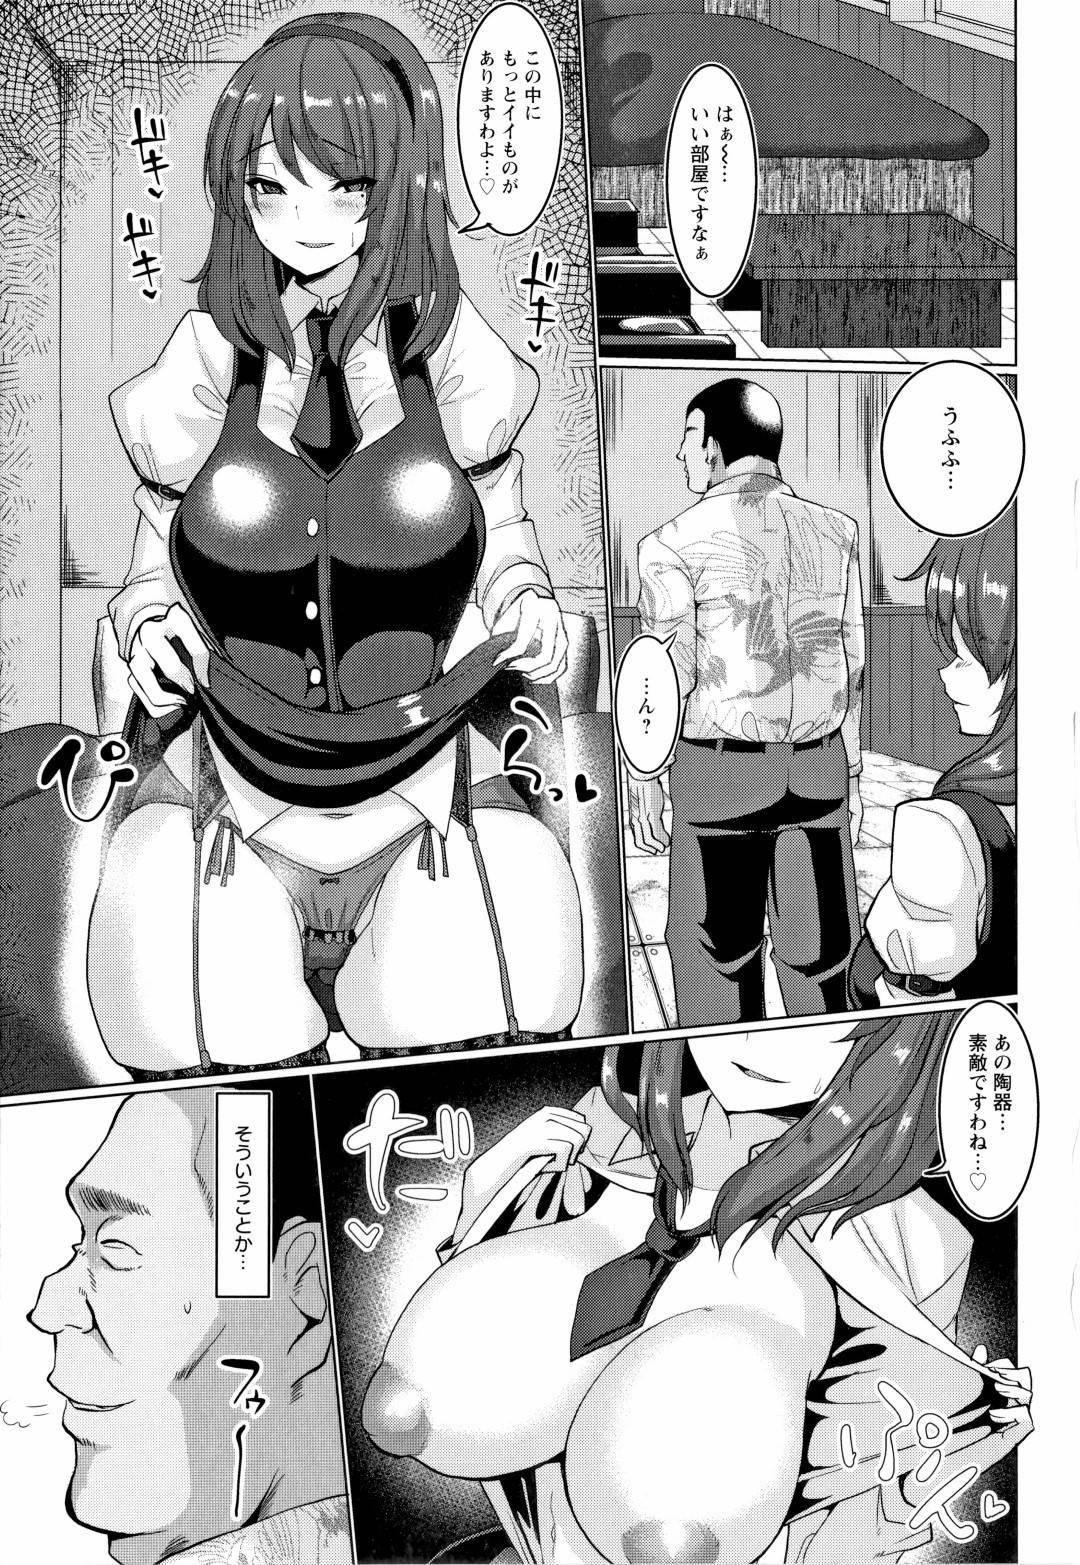 【エロ漫画】前の館長とセックスして奪い取った美術館の巨乳女館長…次にやってきた初めて見る男が持参した陶器に魅せられいつものように誘惑する!【chin】